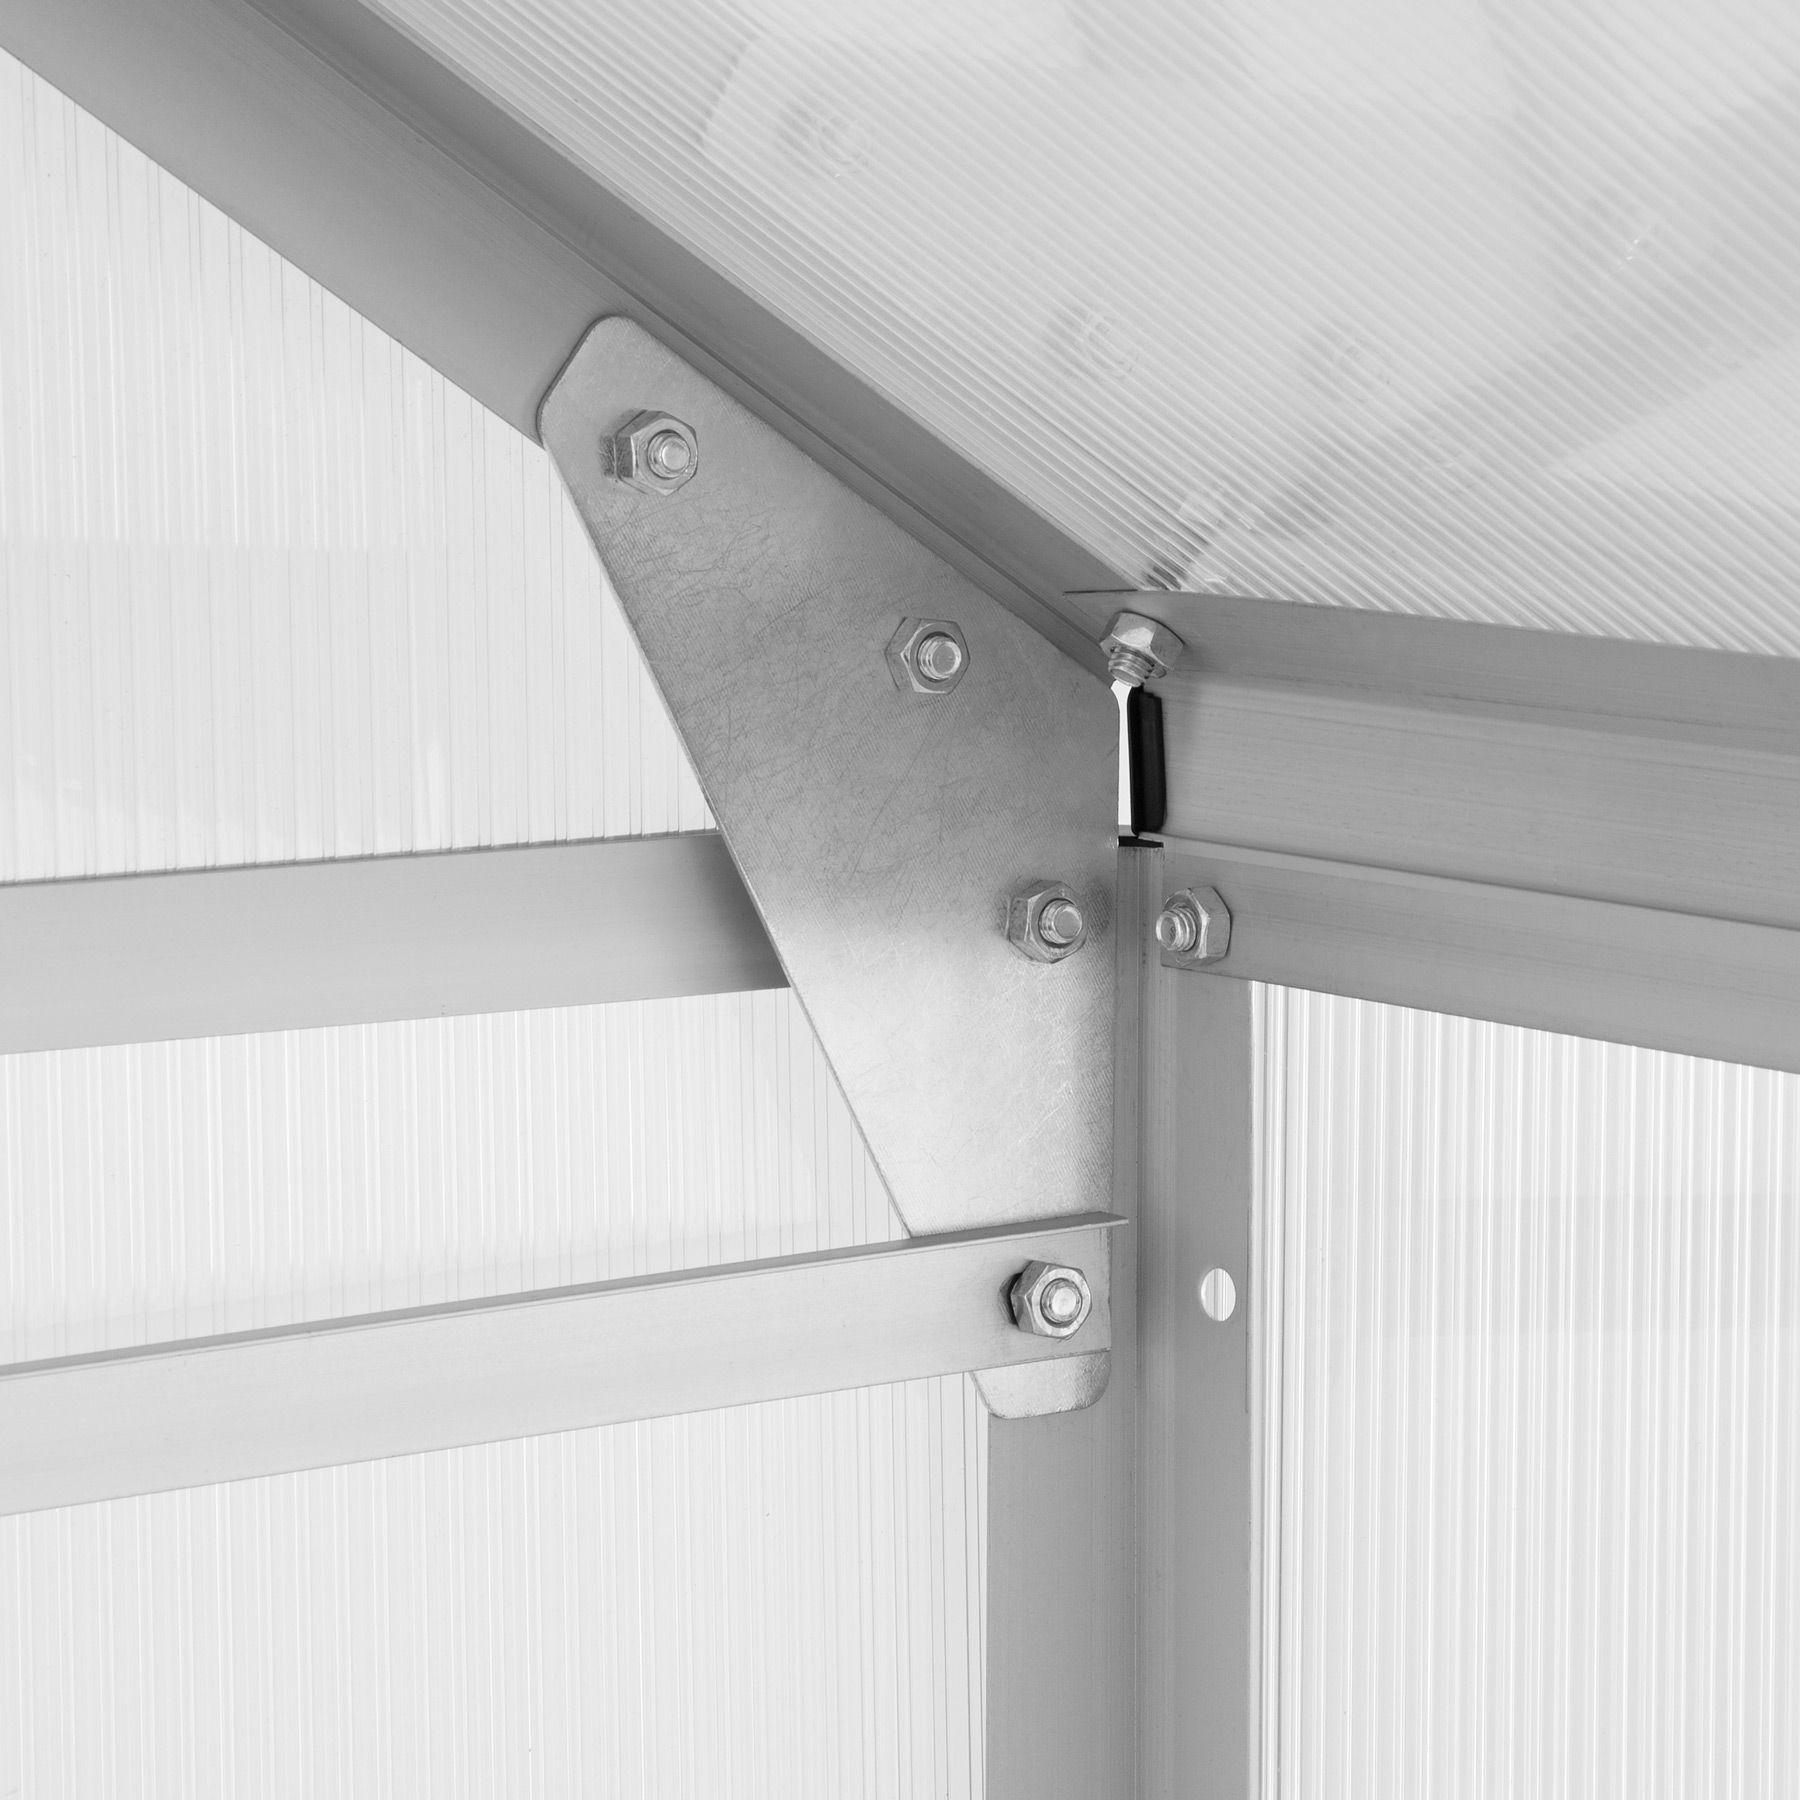 4318165 scellés en usine. Whirlpool Réfrigérateur Porte Cam Kit Origine WHIRLPOOL